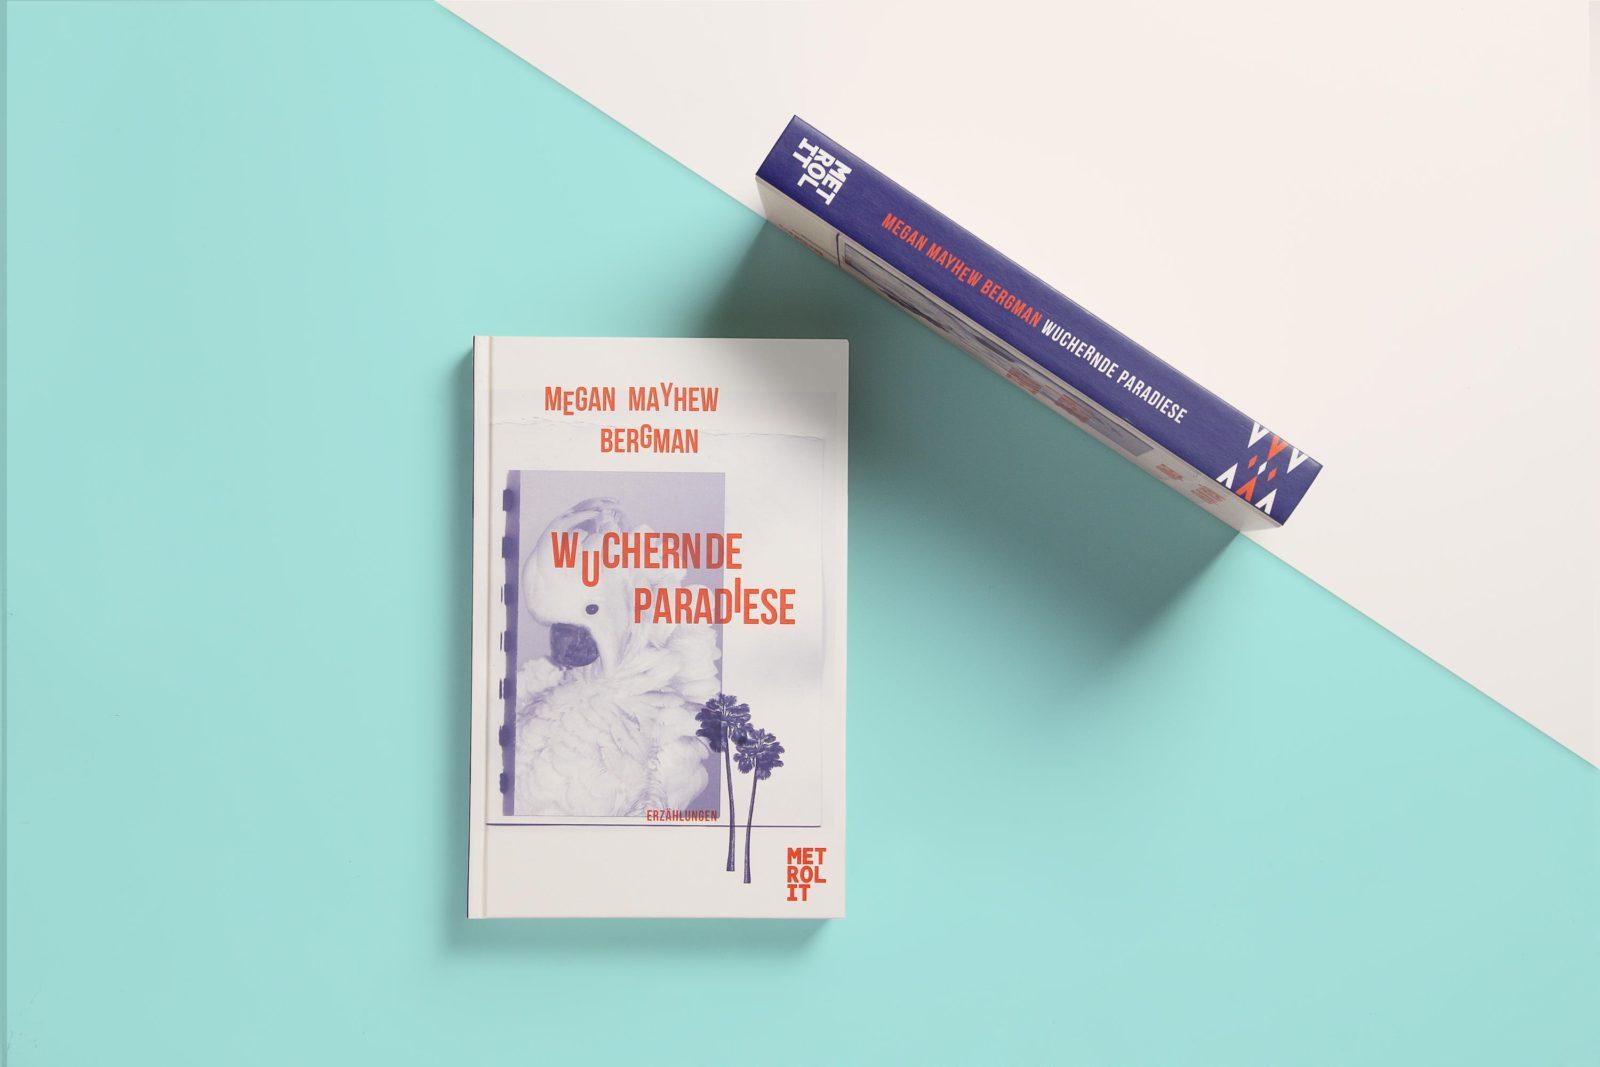 Editienne Grafikdesign - Kommunikationsdesign Berlin- Buchcoverdesign und Buchgestaltung 28